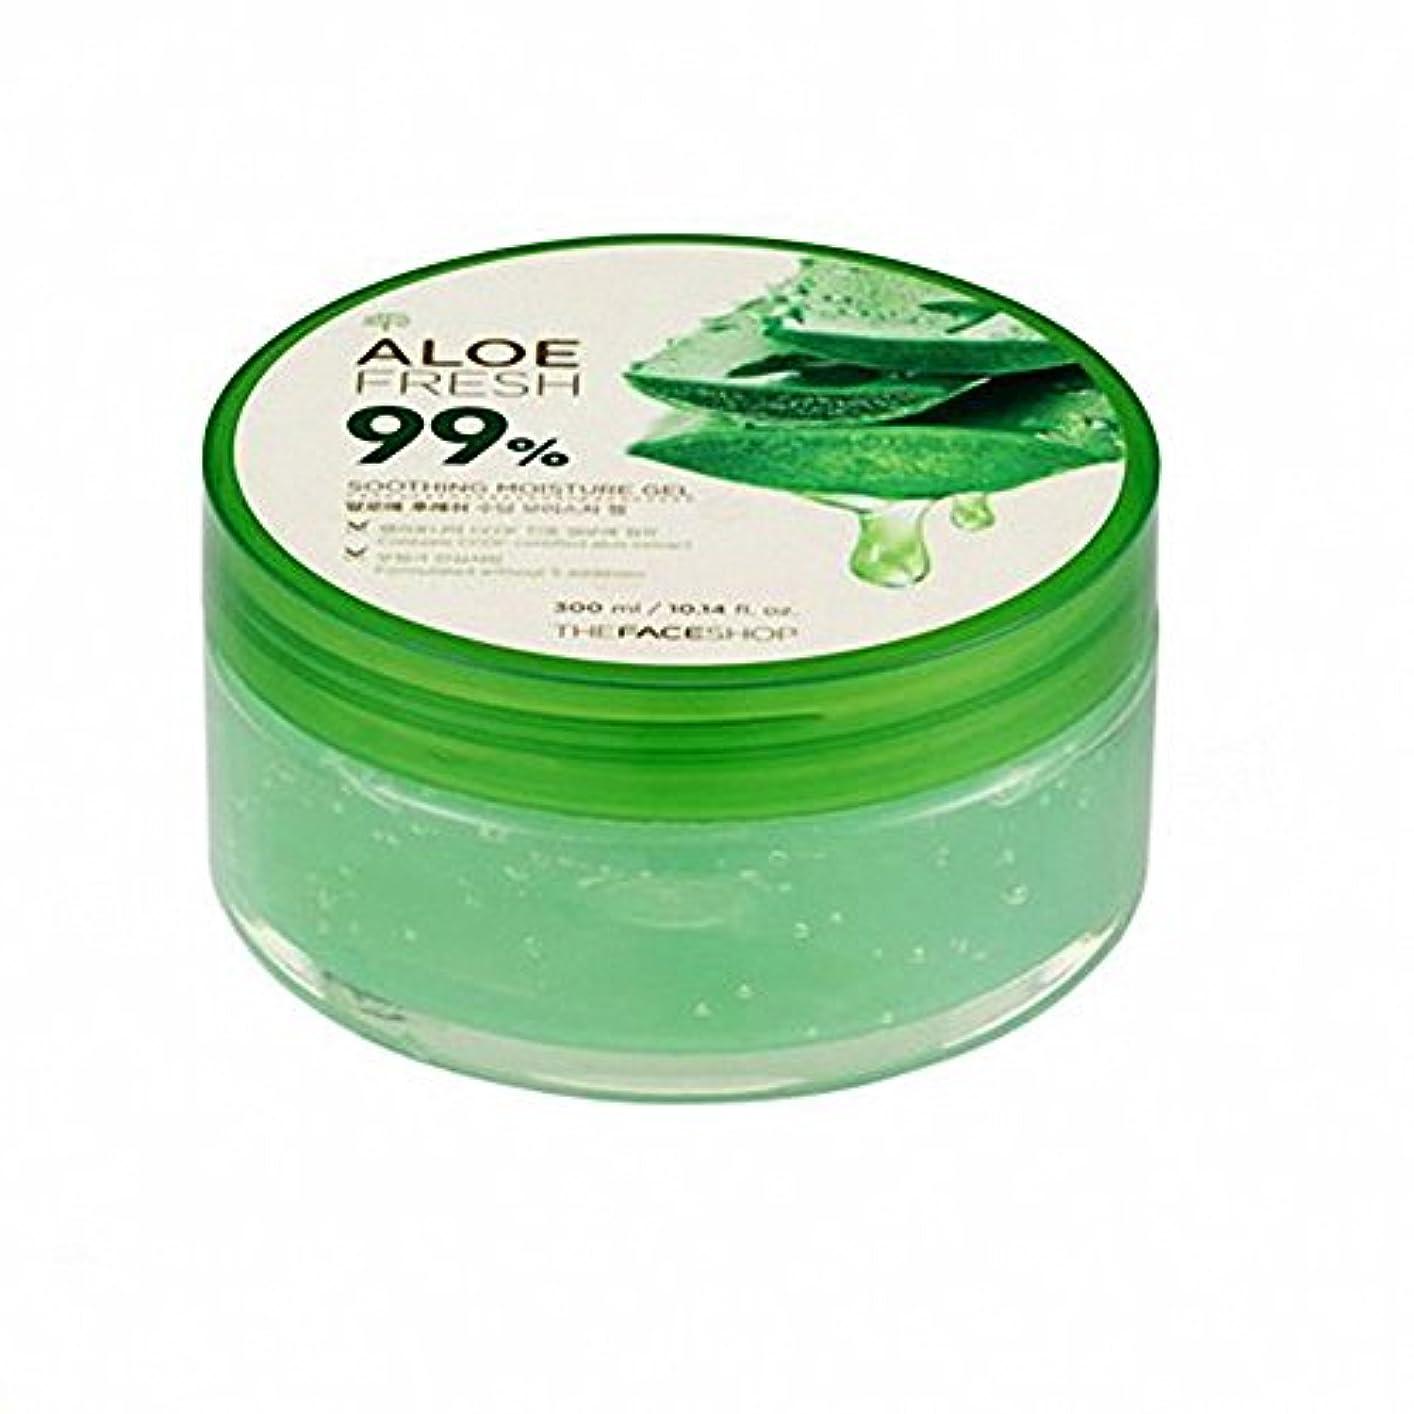 意味ワイヤー熟達したザ·フェイスショップ The Face Shopアロエフレッシュスージングモイスチャージェル(300ml) The Face Shop Aloe Fresh Soothing Moisture Gel 300ml [海外直送品]